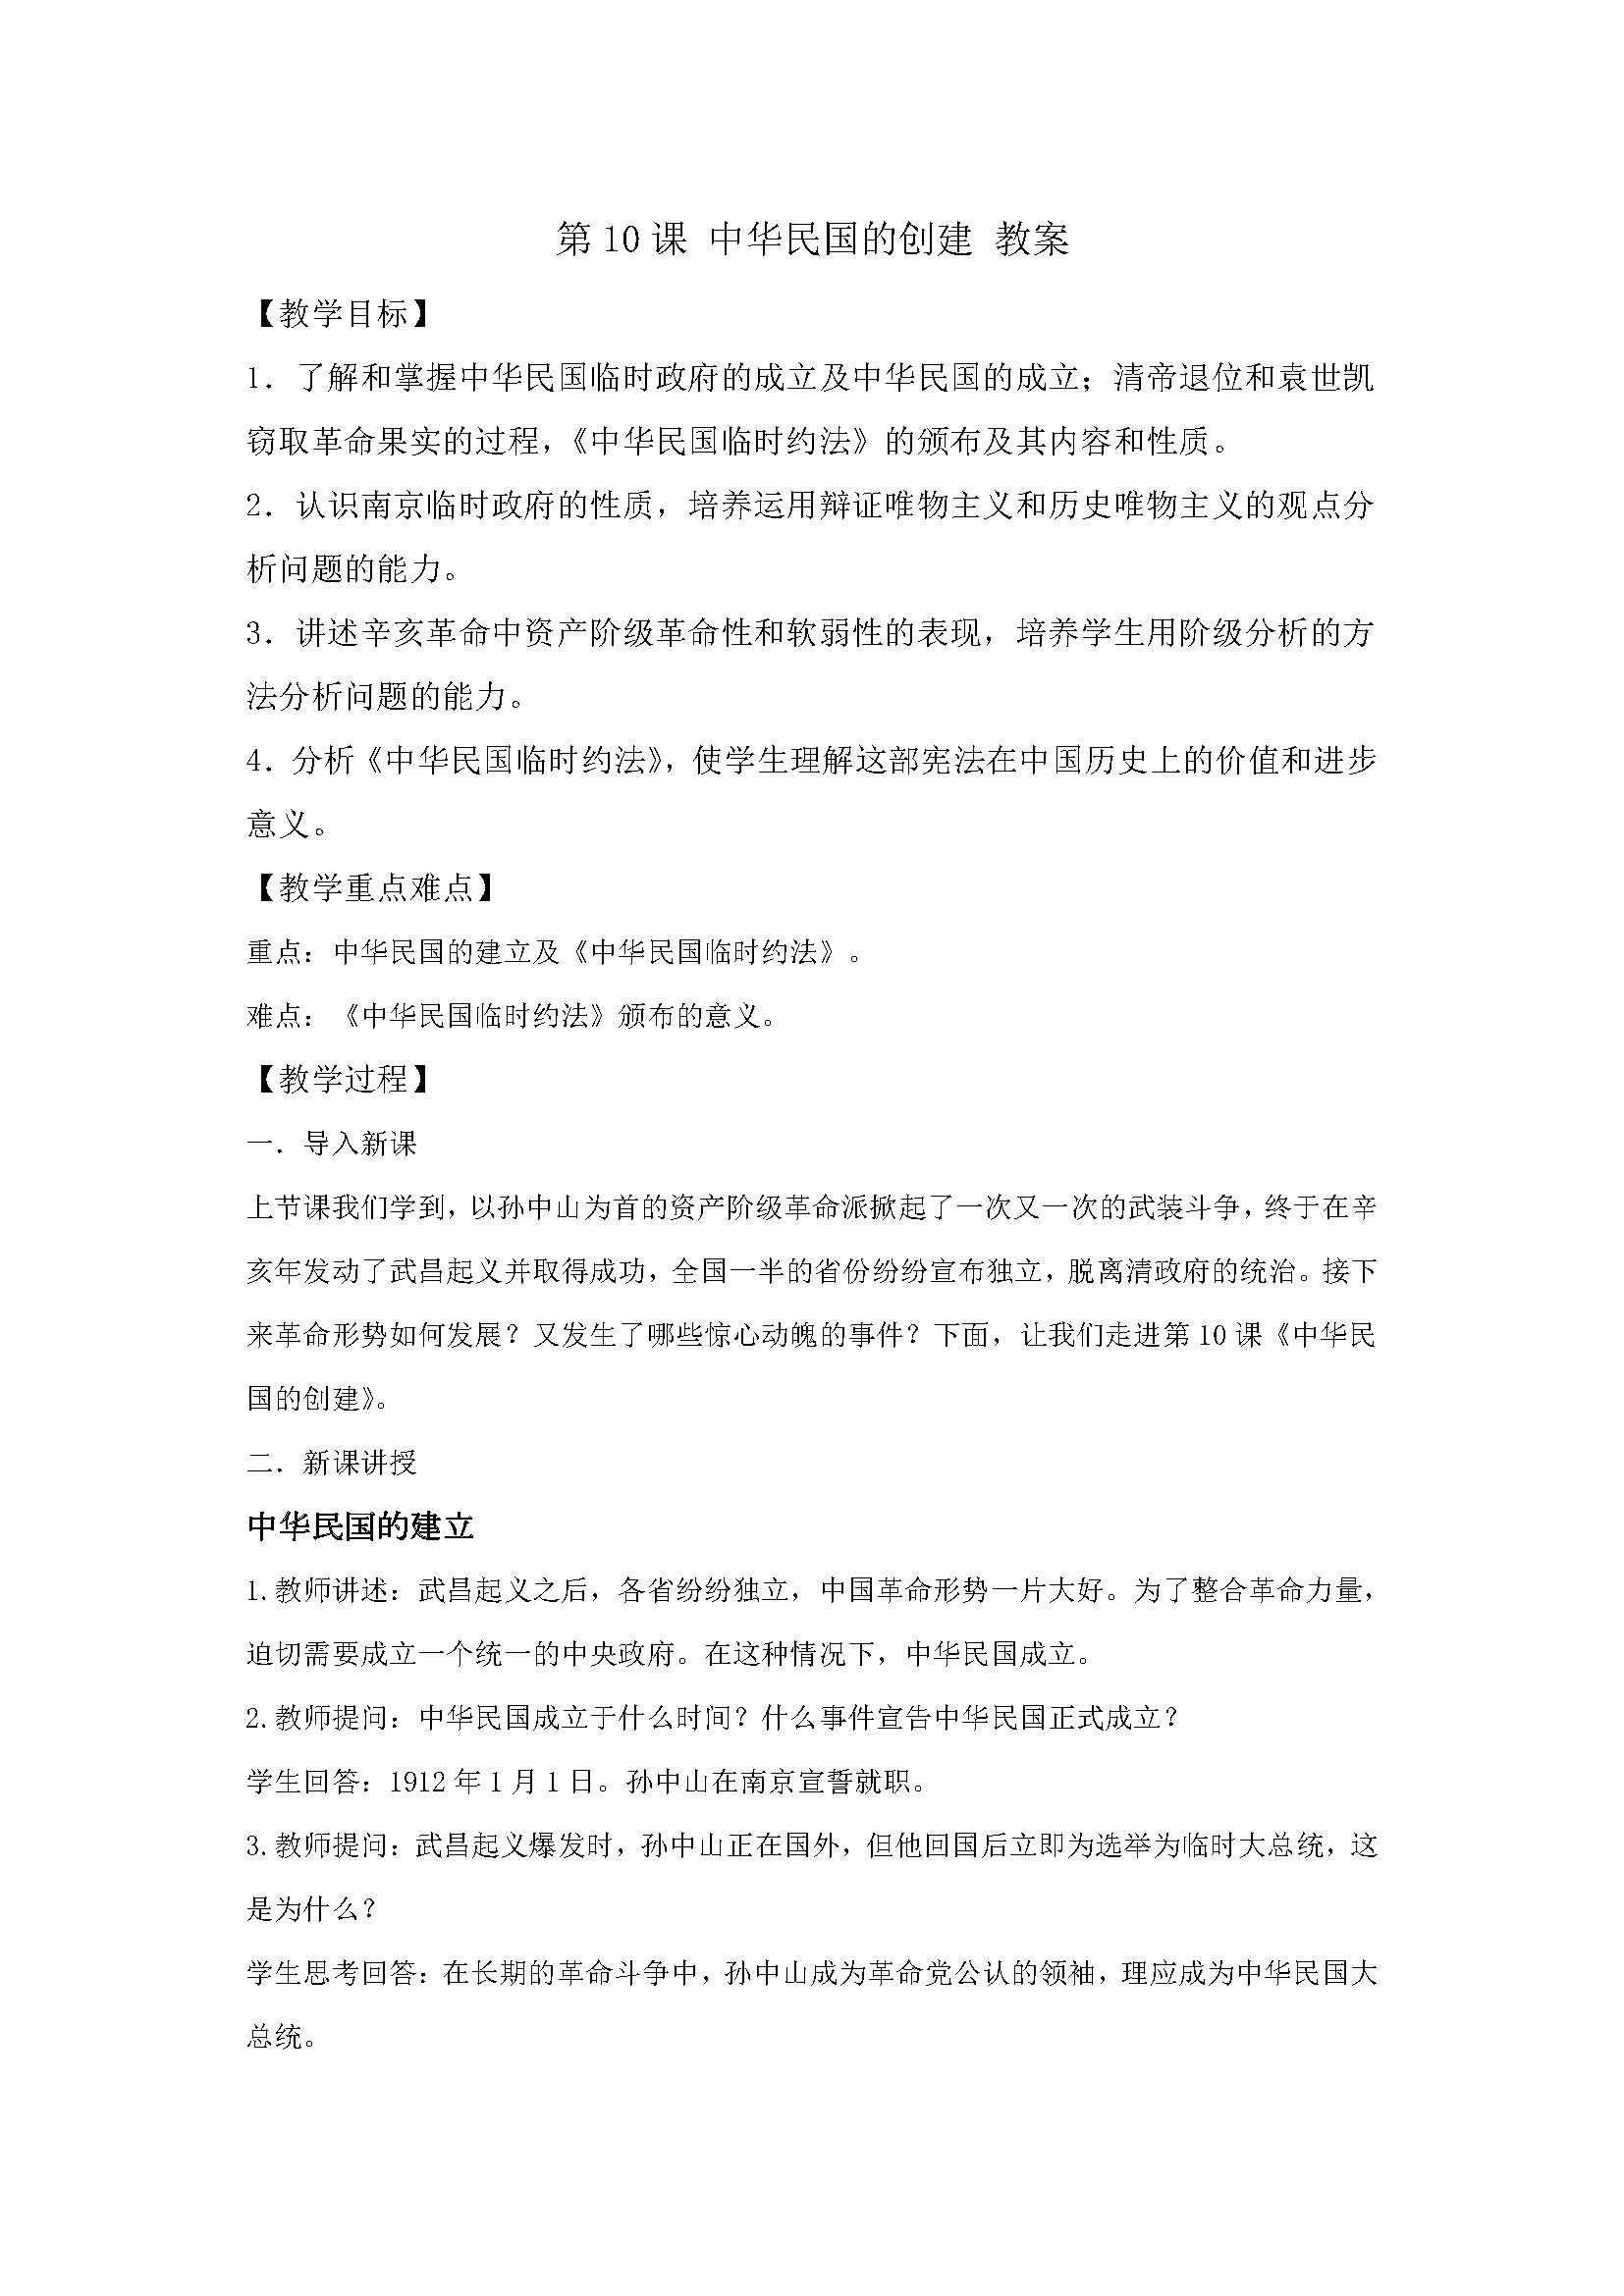 人教版初二上历史教案第10课中华民国的创建